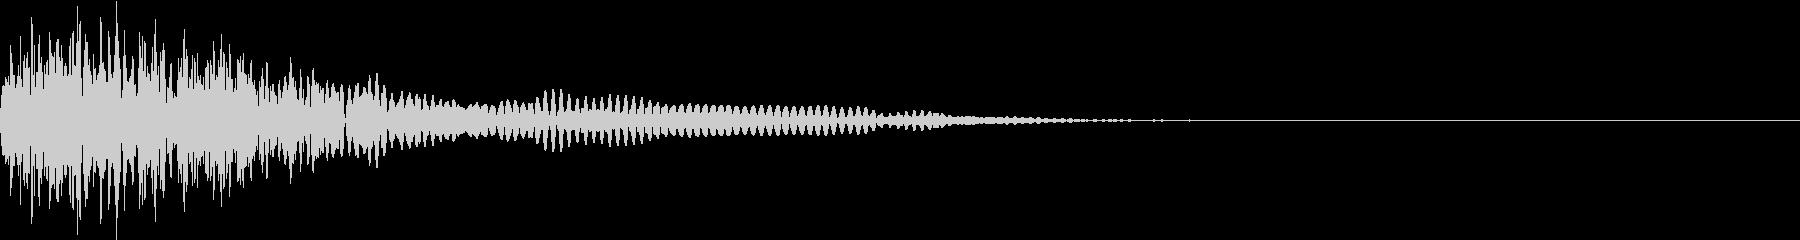 恐竜 怪獣 吠える 衝撃 ホラー 11の未再生の波形